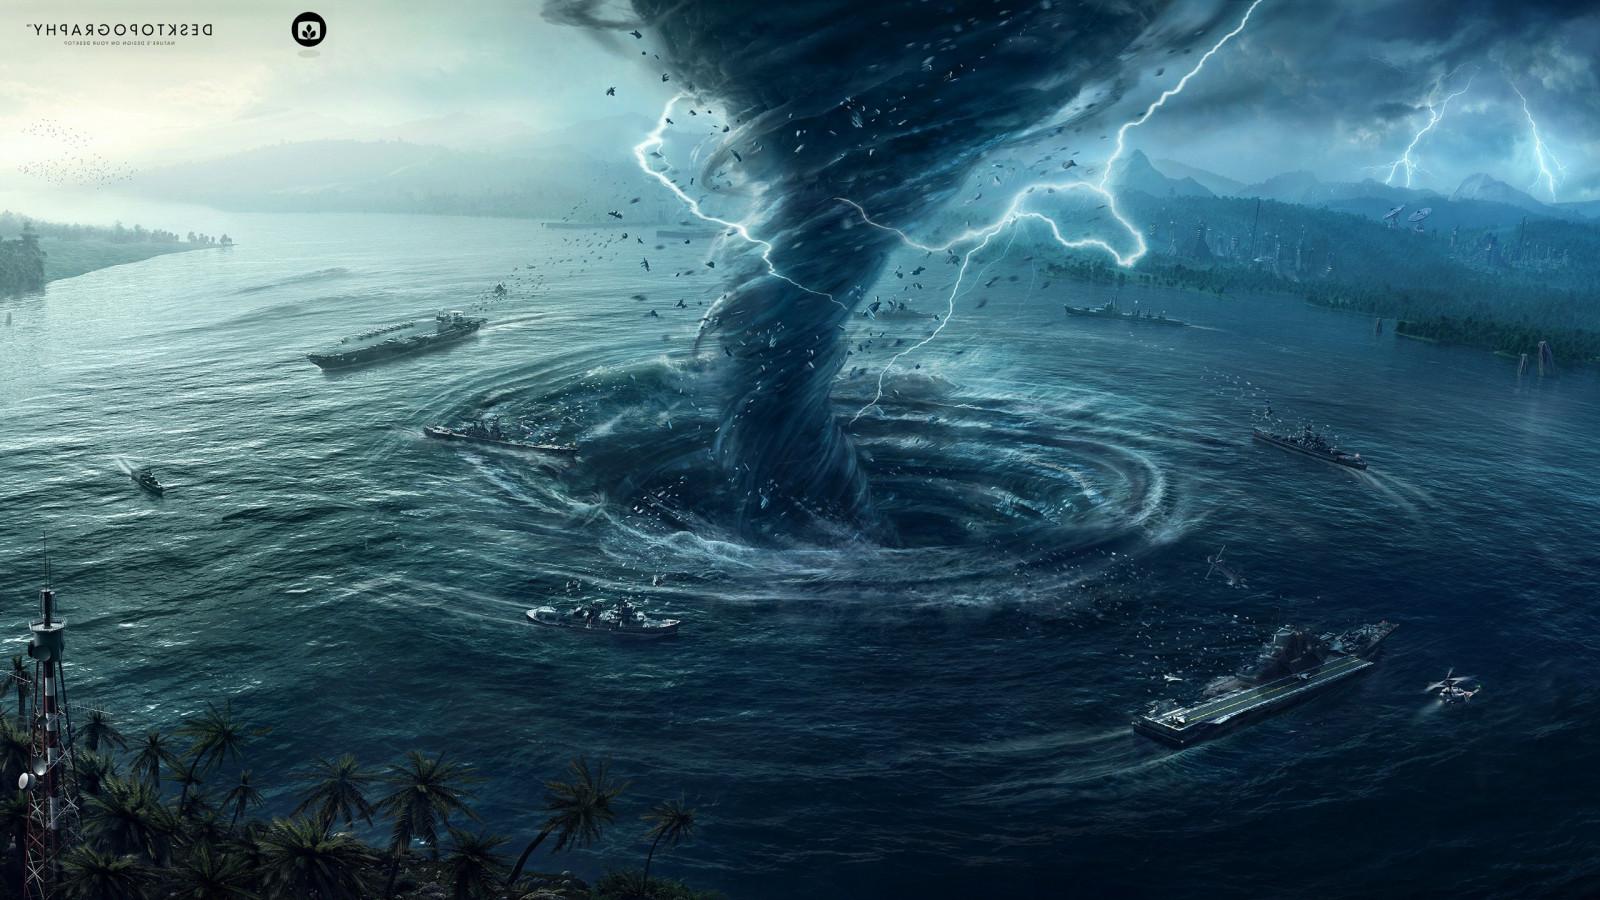 Wallpaper : digital art, sea, water, Earth, tornado, hurricane, Desktopography, Natural Disaster, ghost ship, Terrain, weather, ocean, screenshot, ...